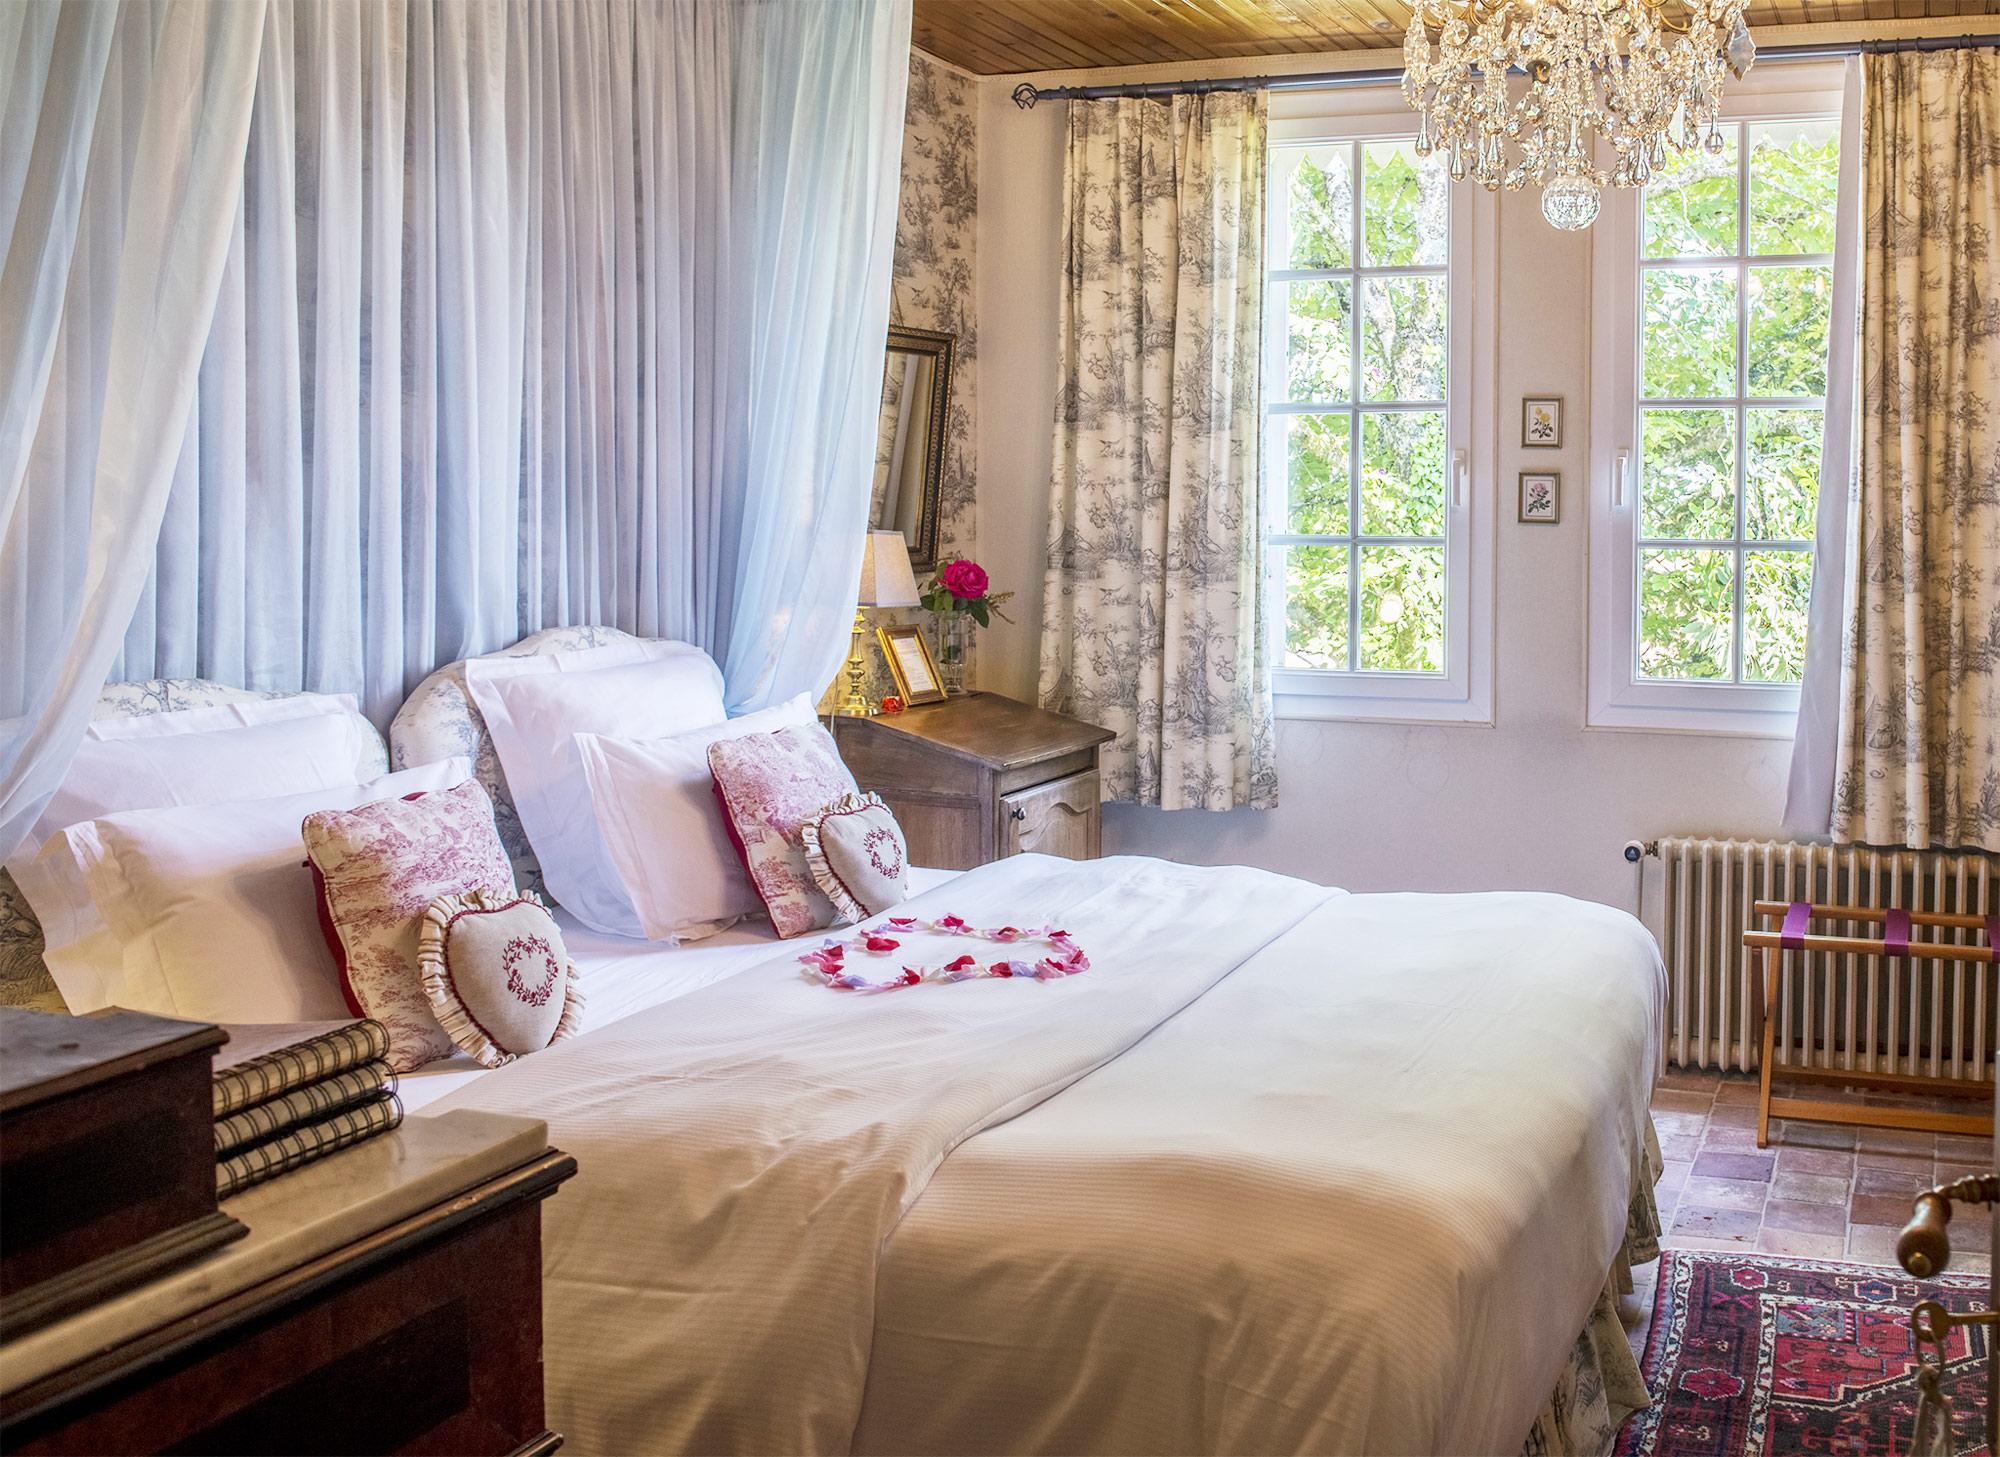 Suite romantique avec des pétales de rose en forme de coeur sur le lit